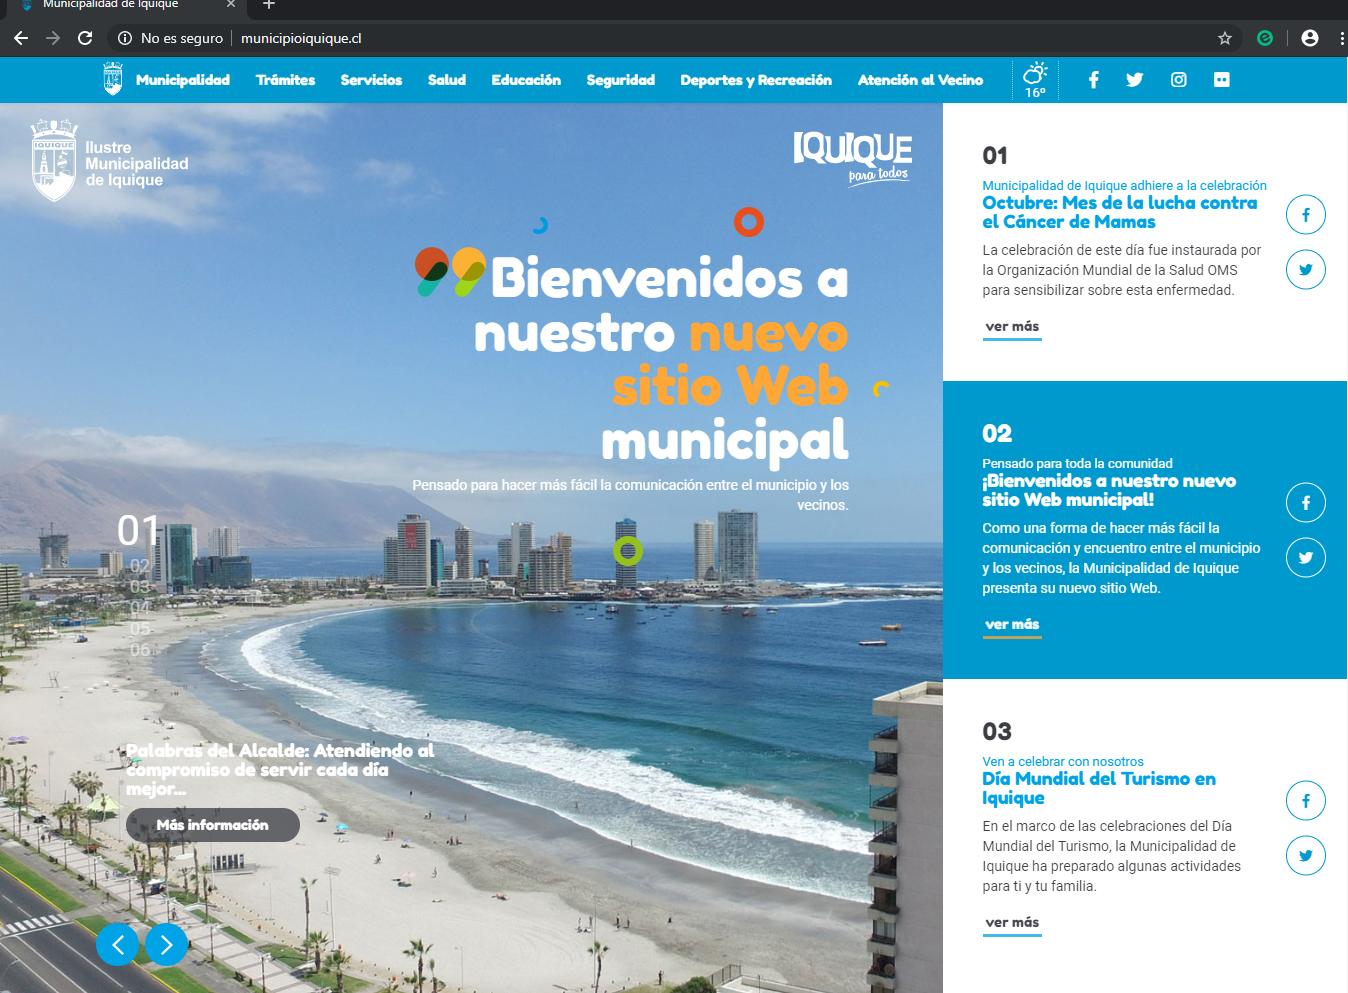 Nuevo sitio Web de la Municipalidad de Iquique